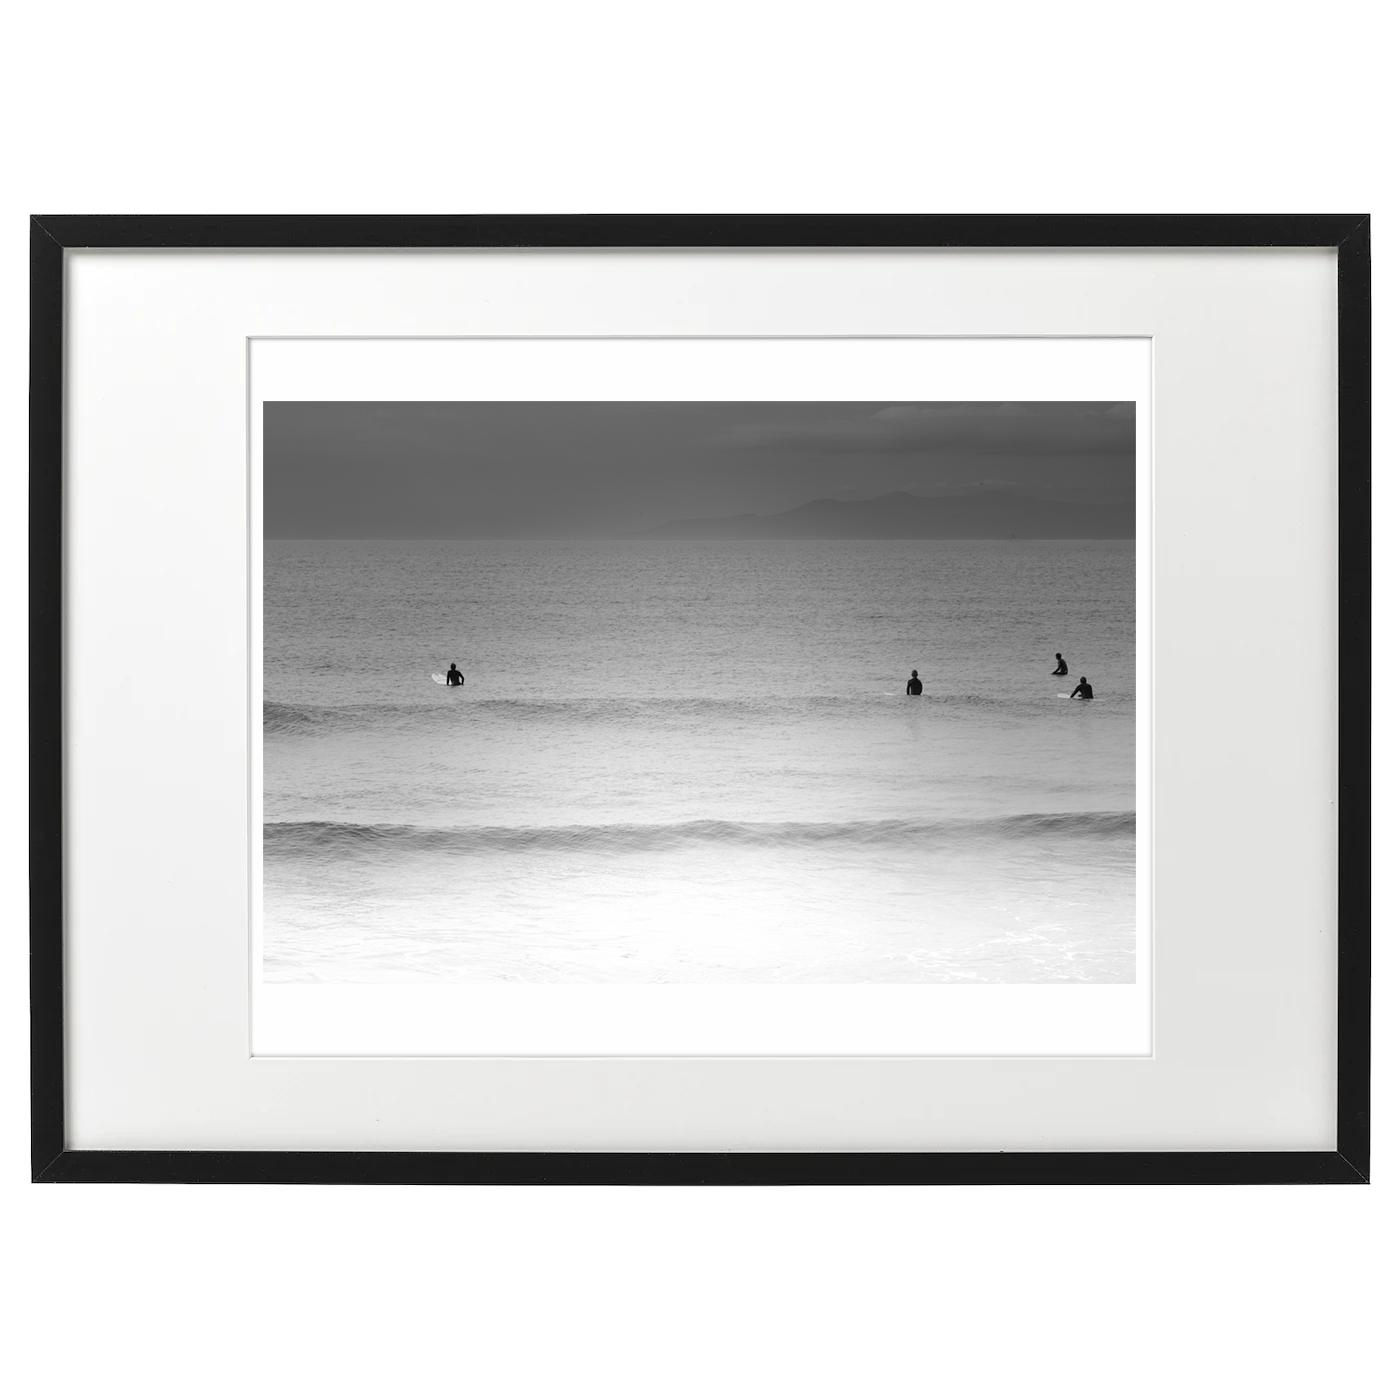 フレーム海景 20-025 波を待つ